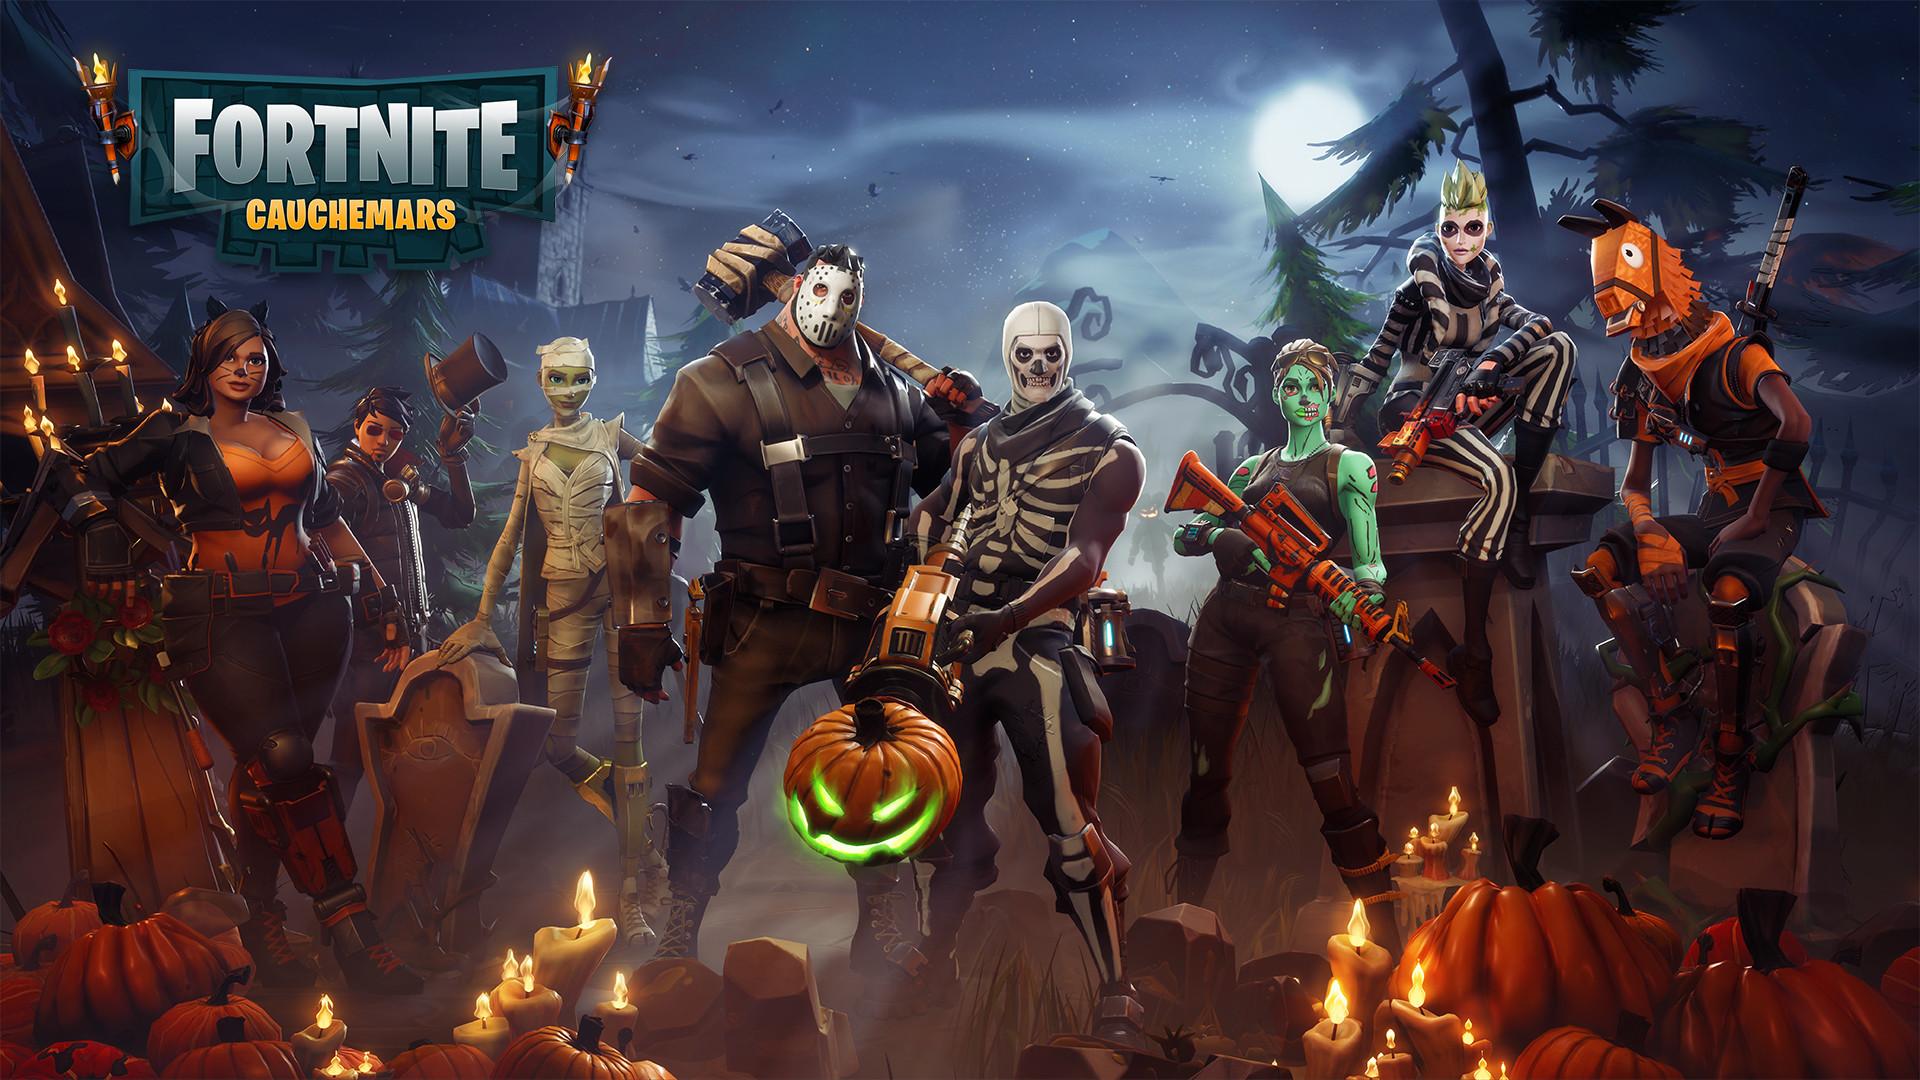 Fortnite characters game